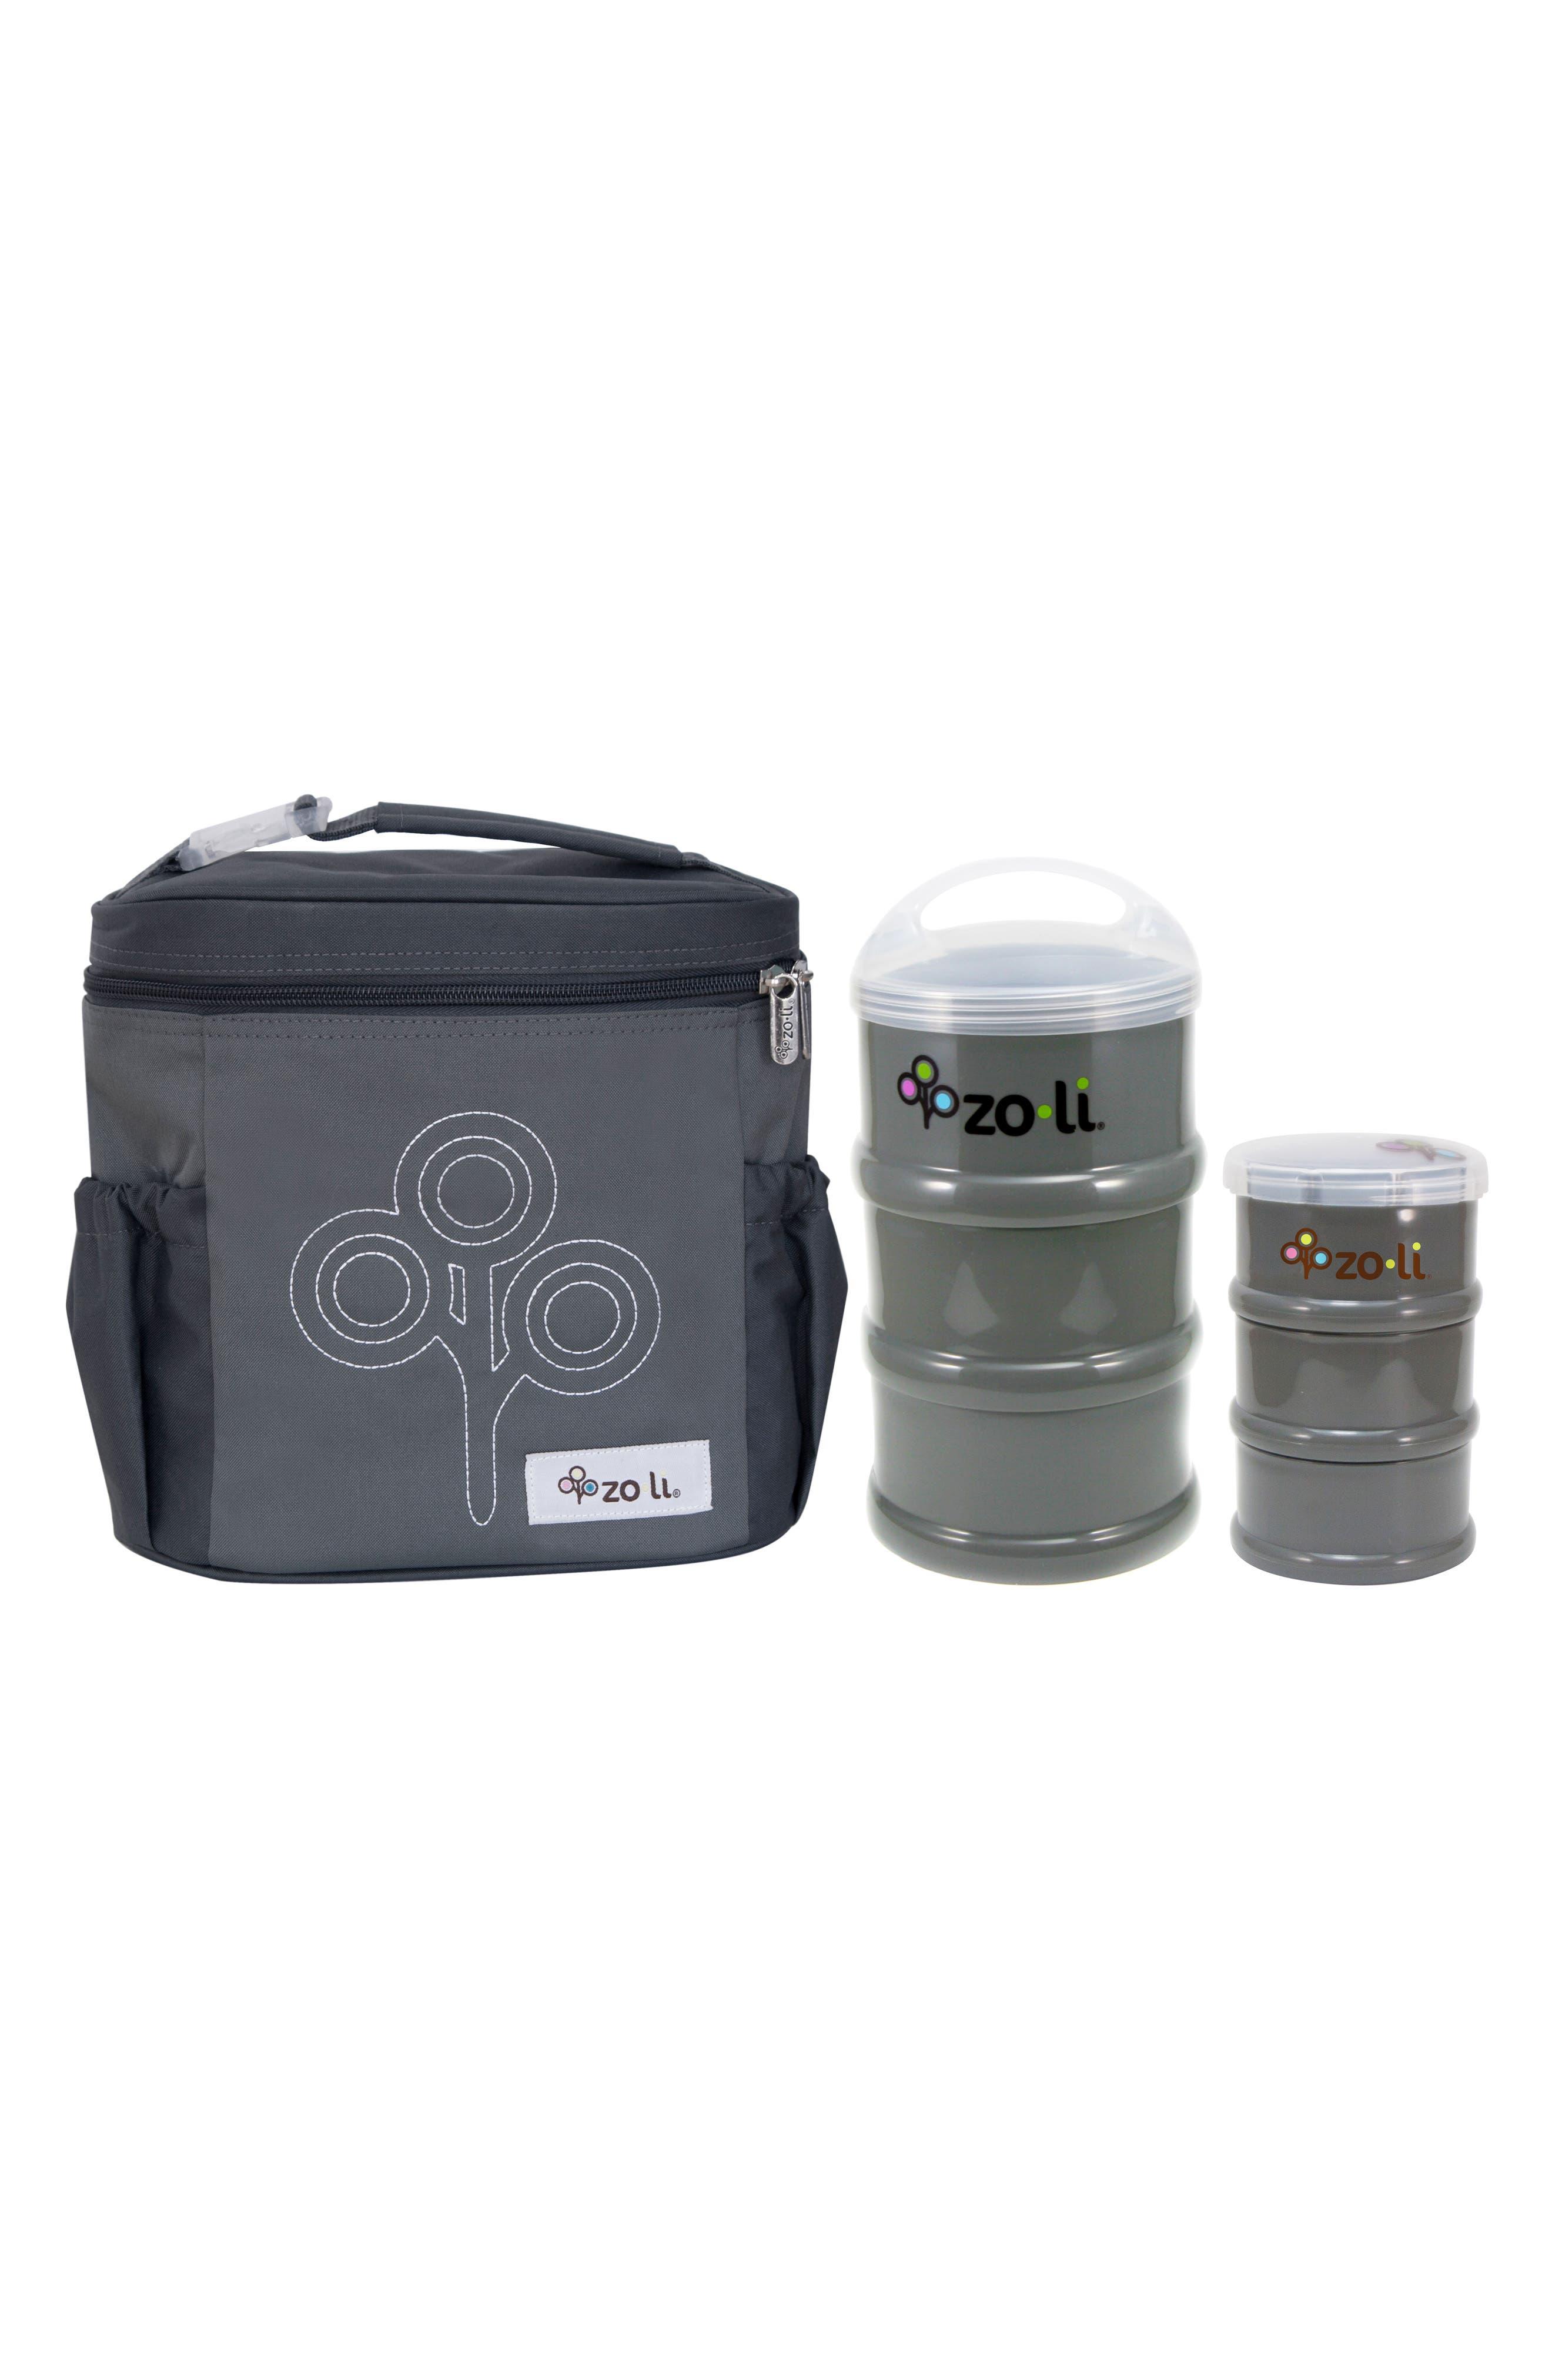 ZoLi SUMO Snacker, PODS Containers & NOMNOM Tote Set